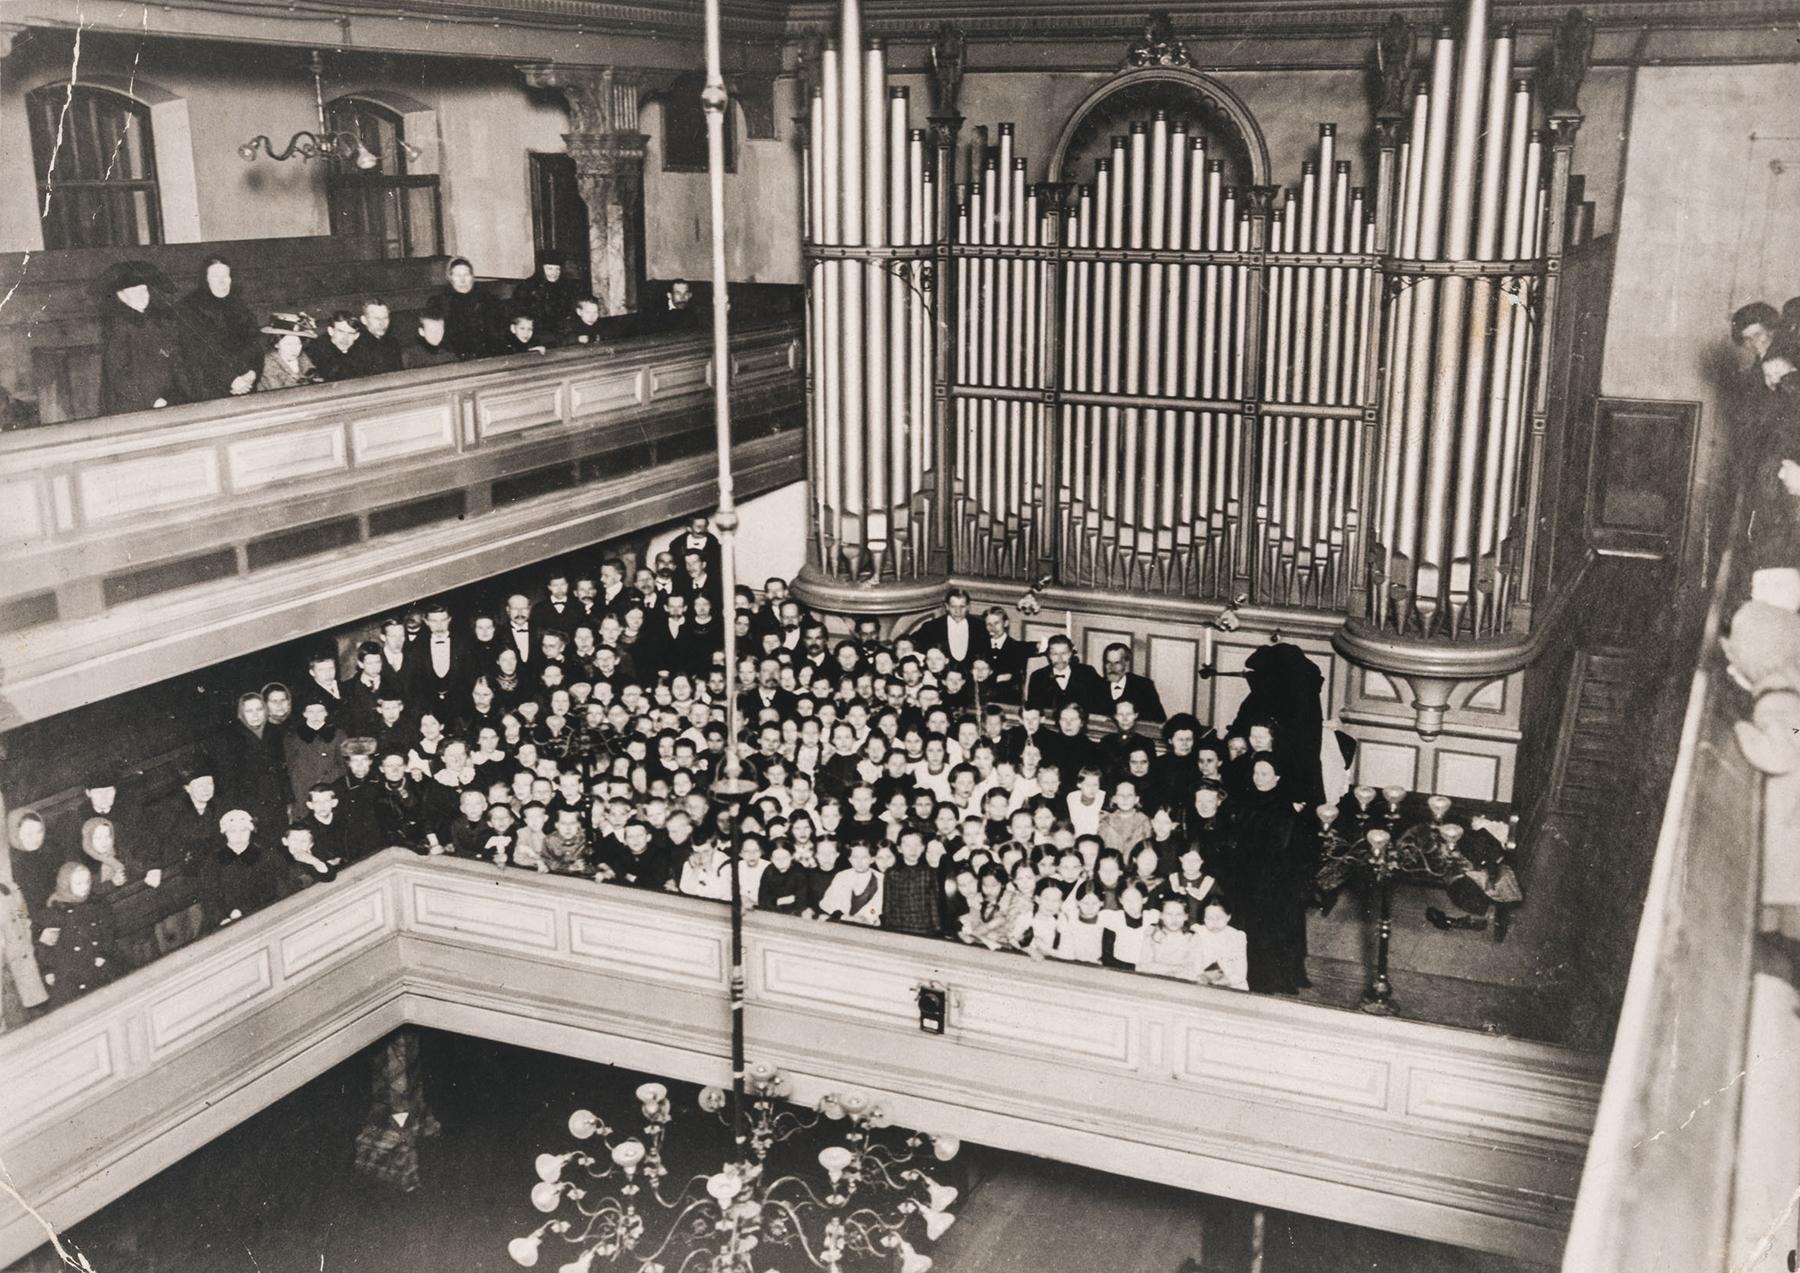 Pietarin suomalaisen seurakunnan kirkko  ennen vuoden 1917 vallankumousta. Mooses Putro kuorolaisten takana urkujen ääressä. SKS KIA, Putro-suvun arkisto. CC BY 4.0